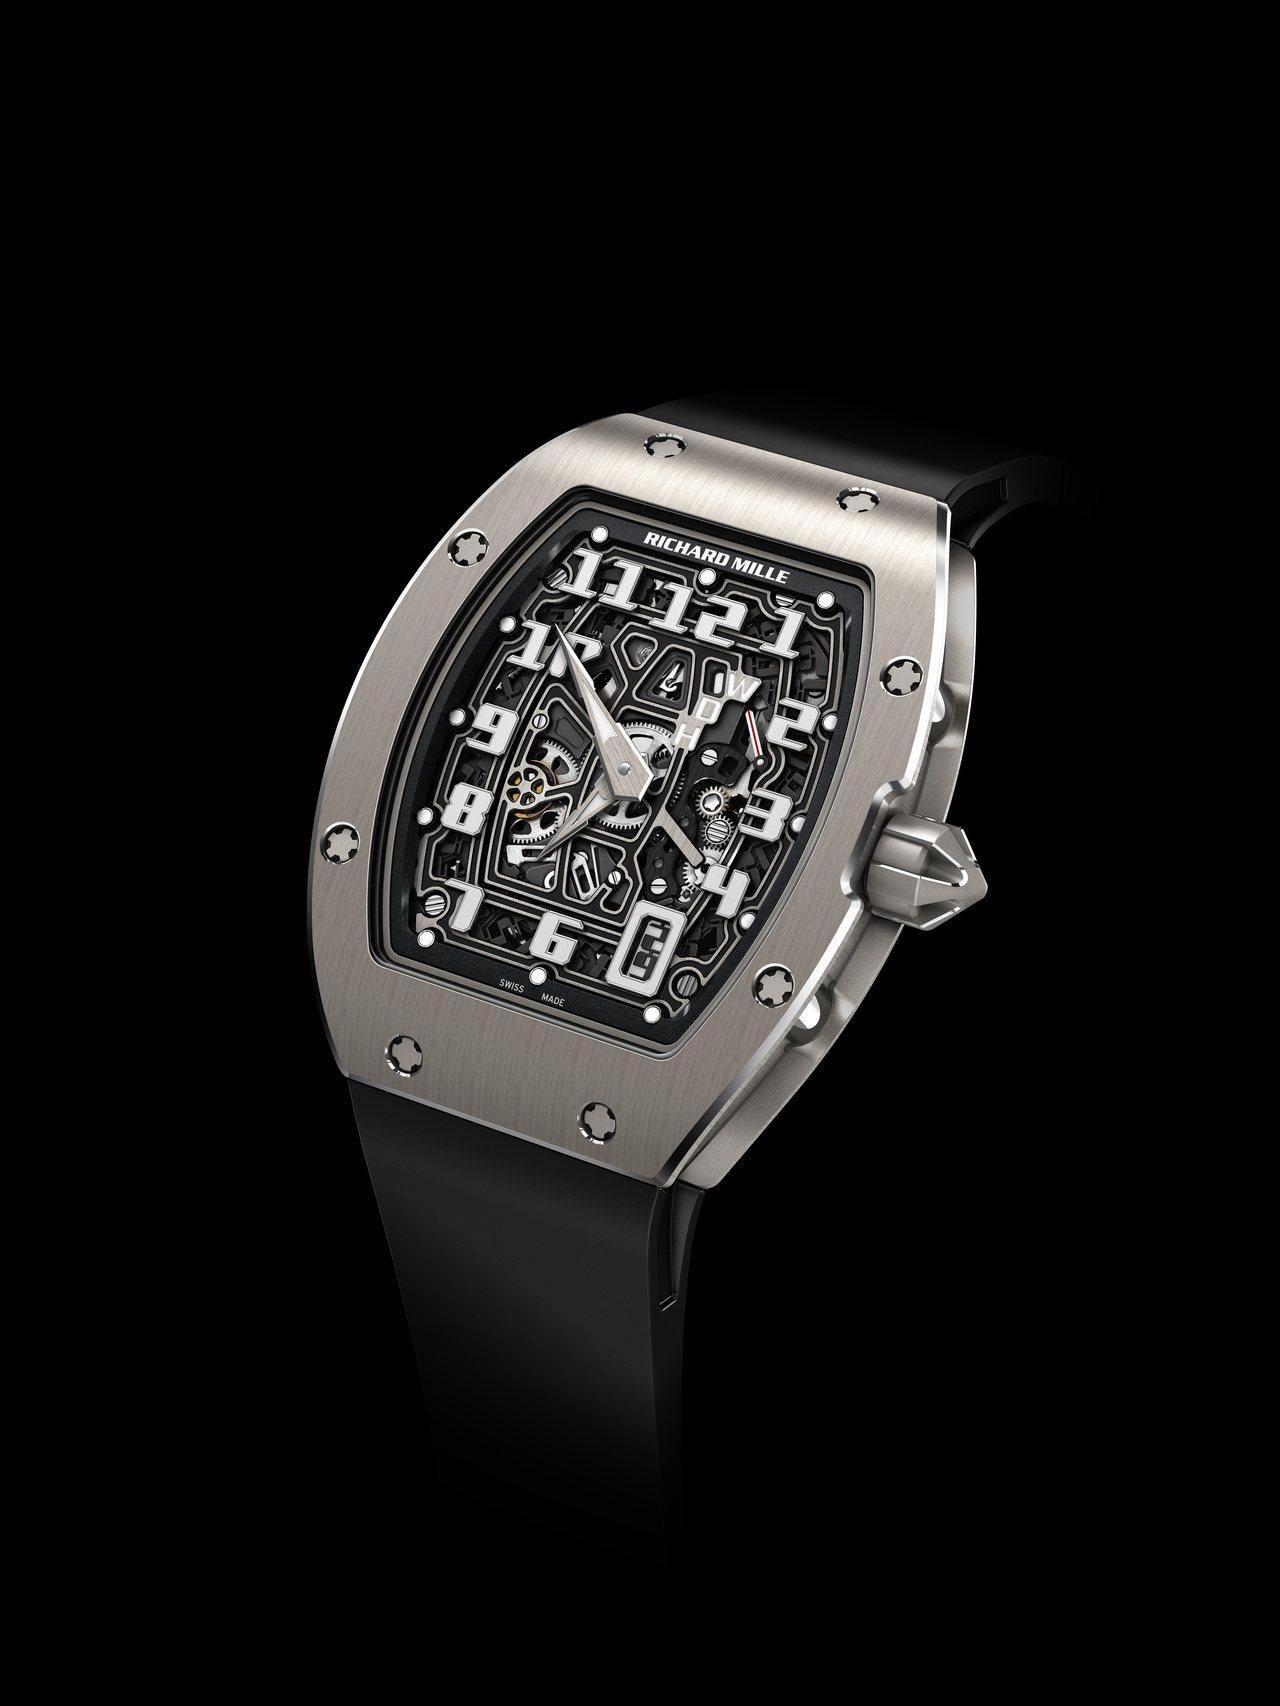 RM67-01超薄自動上鍊腕表,鈦合金表殼,表身厚度僅7.75毫米,具50小時動...